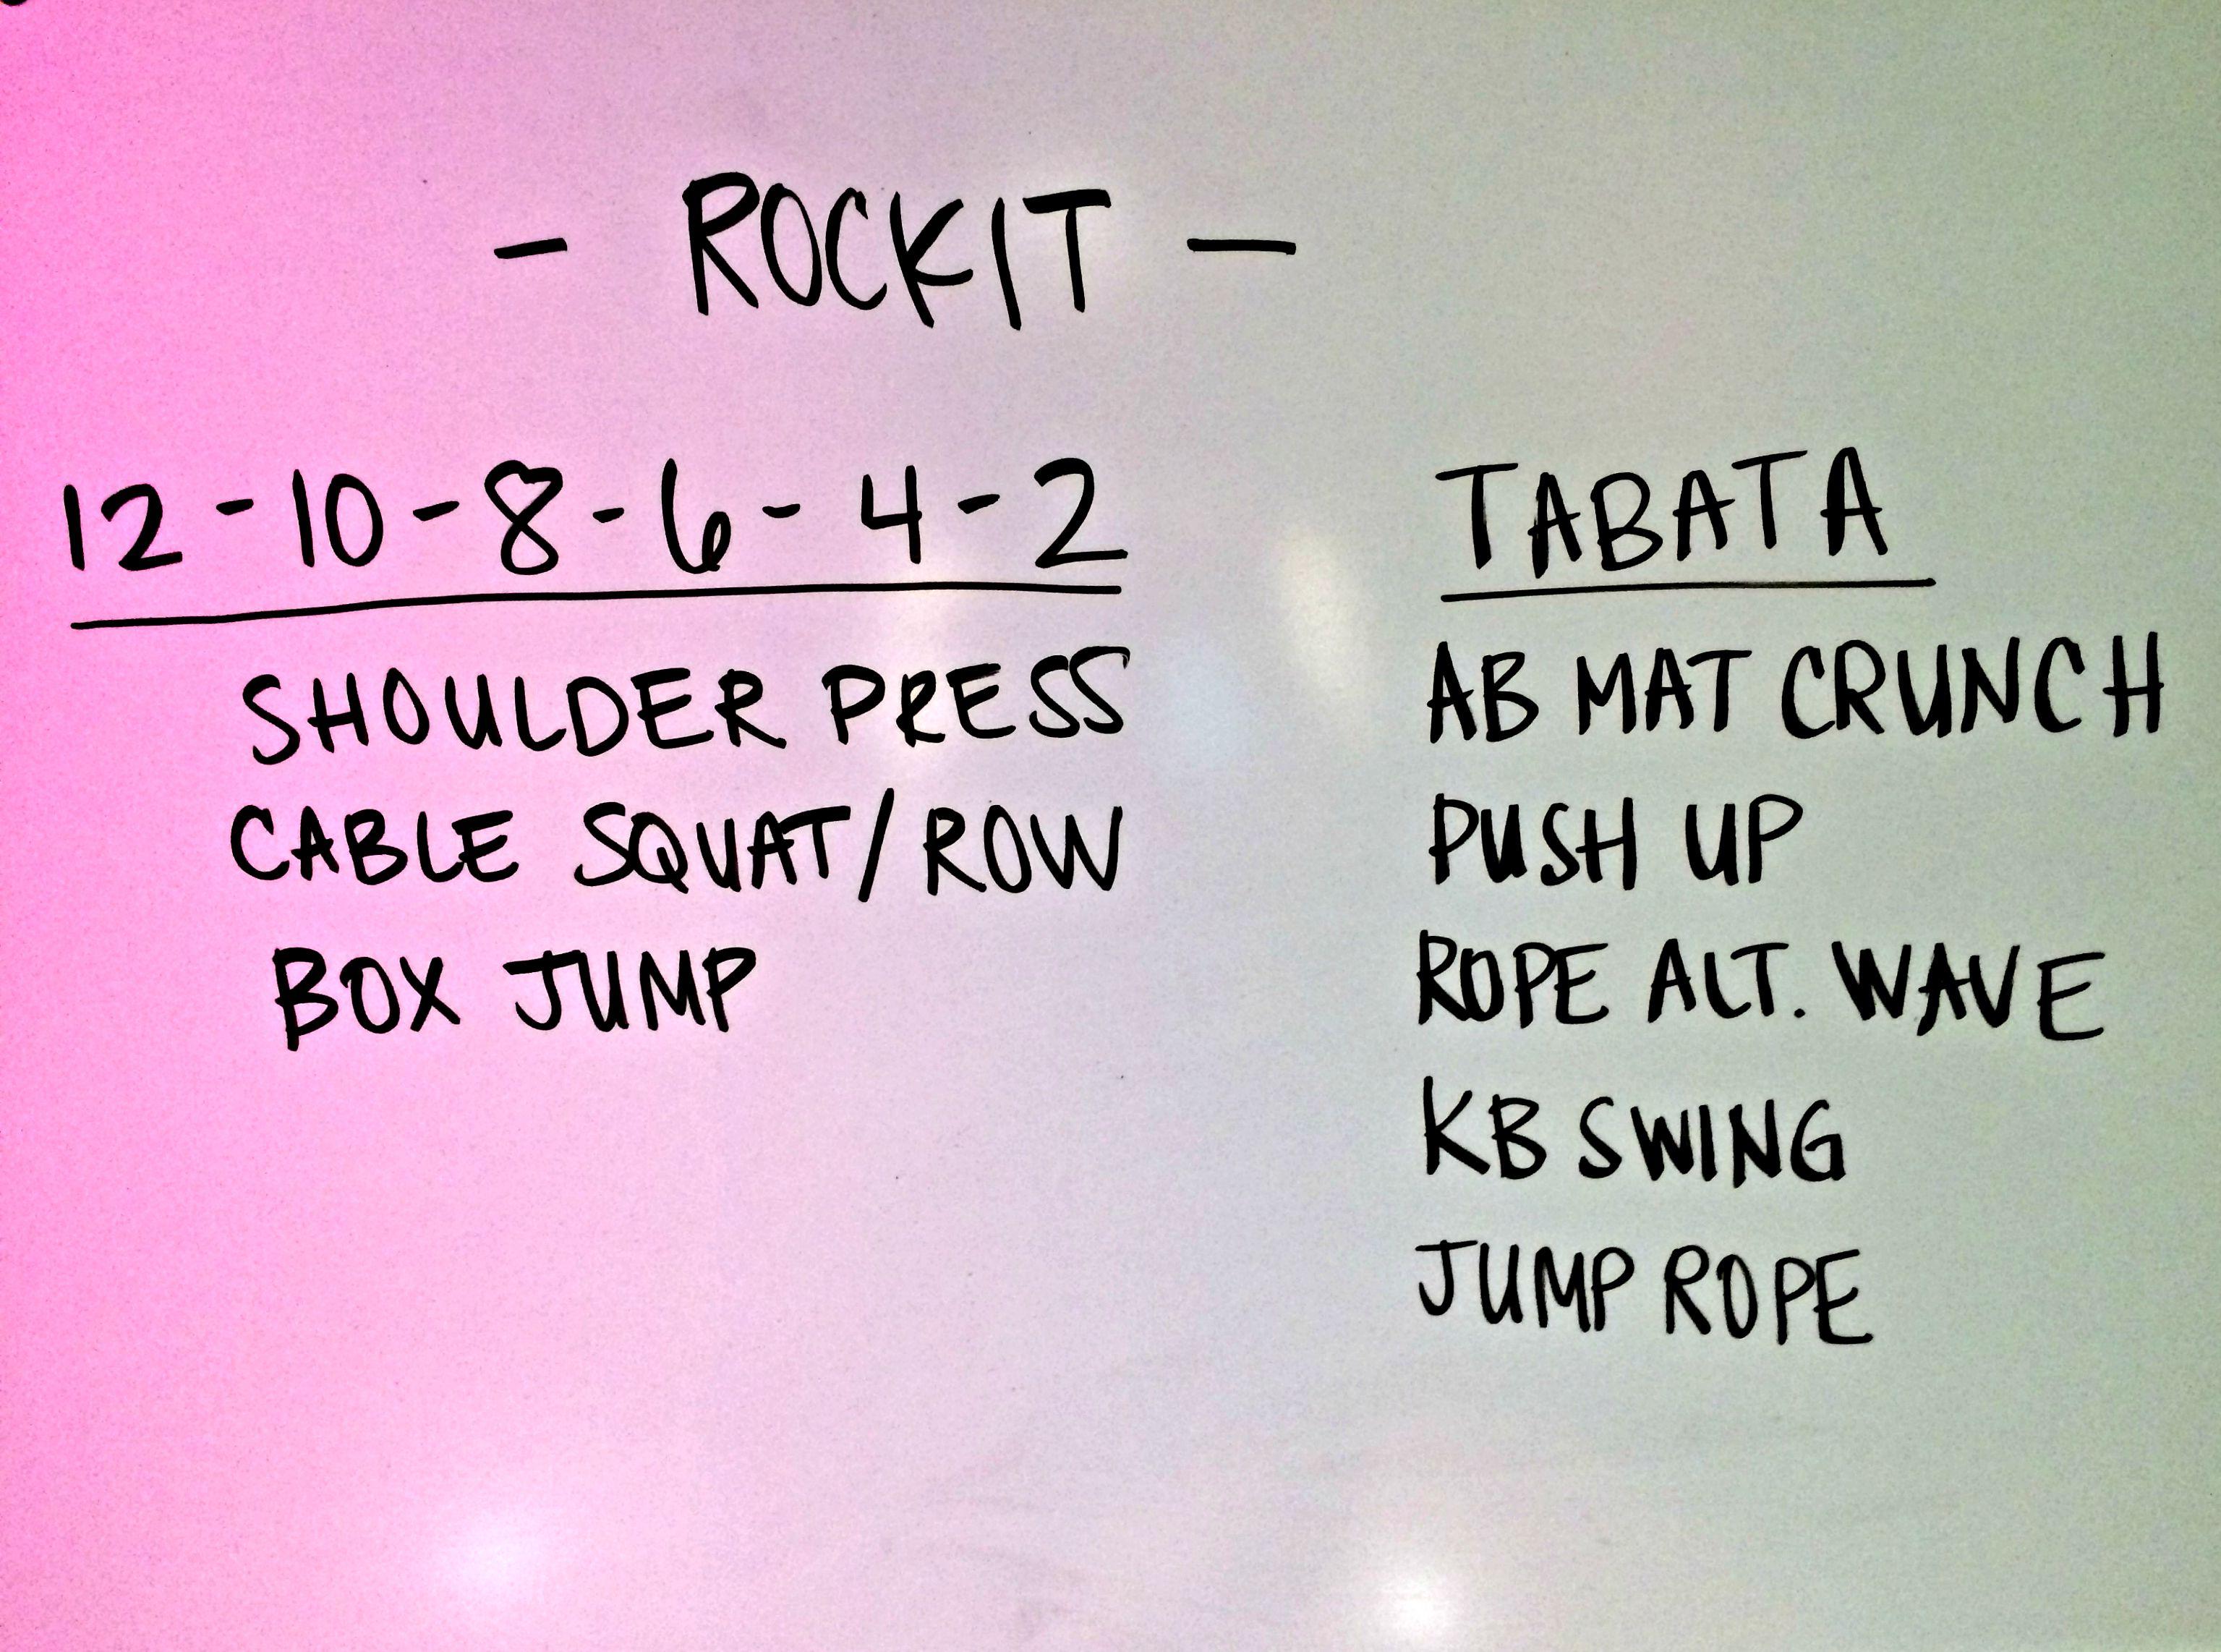 Rockit Class workout